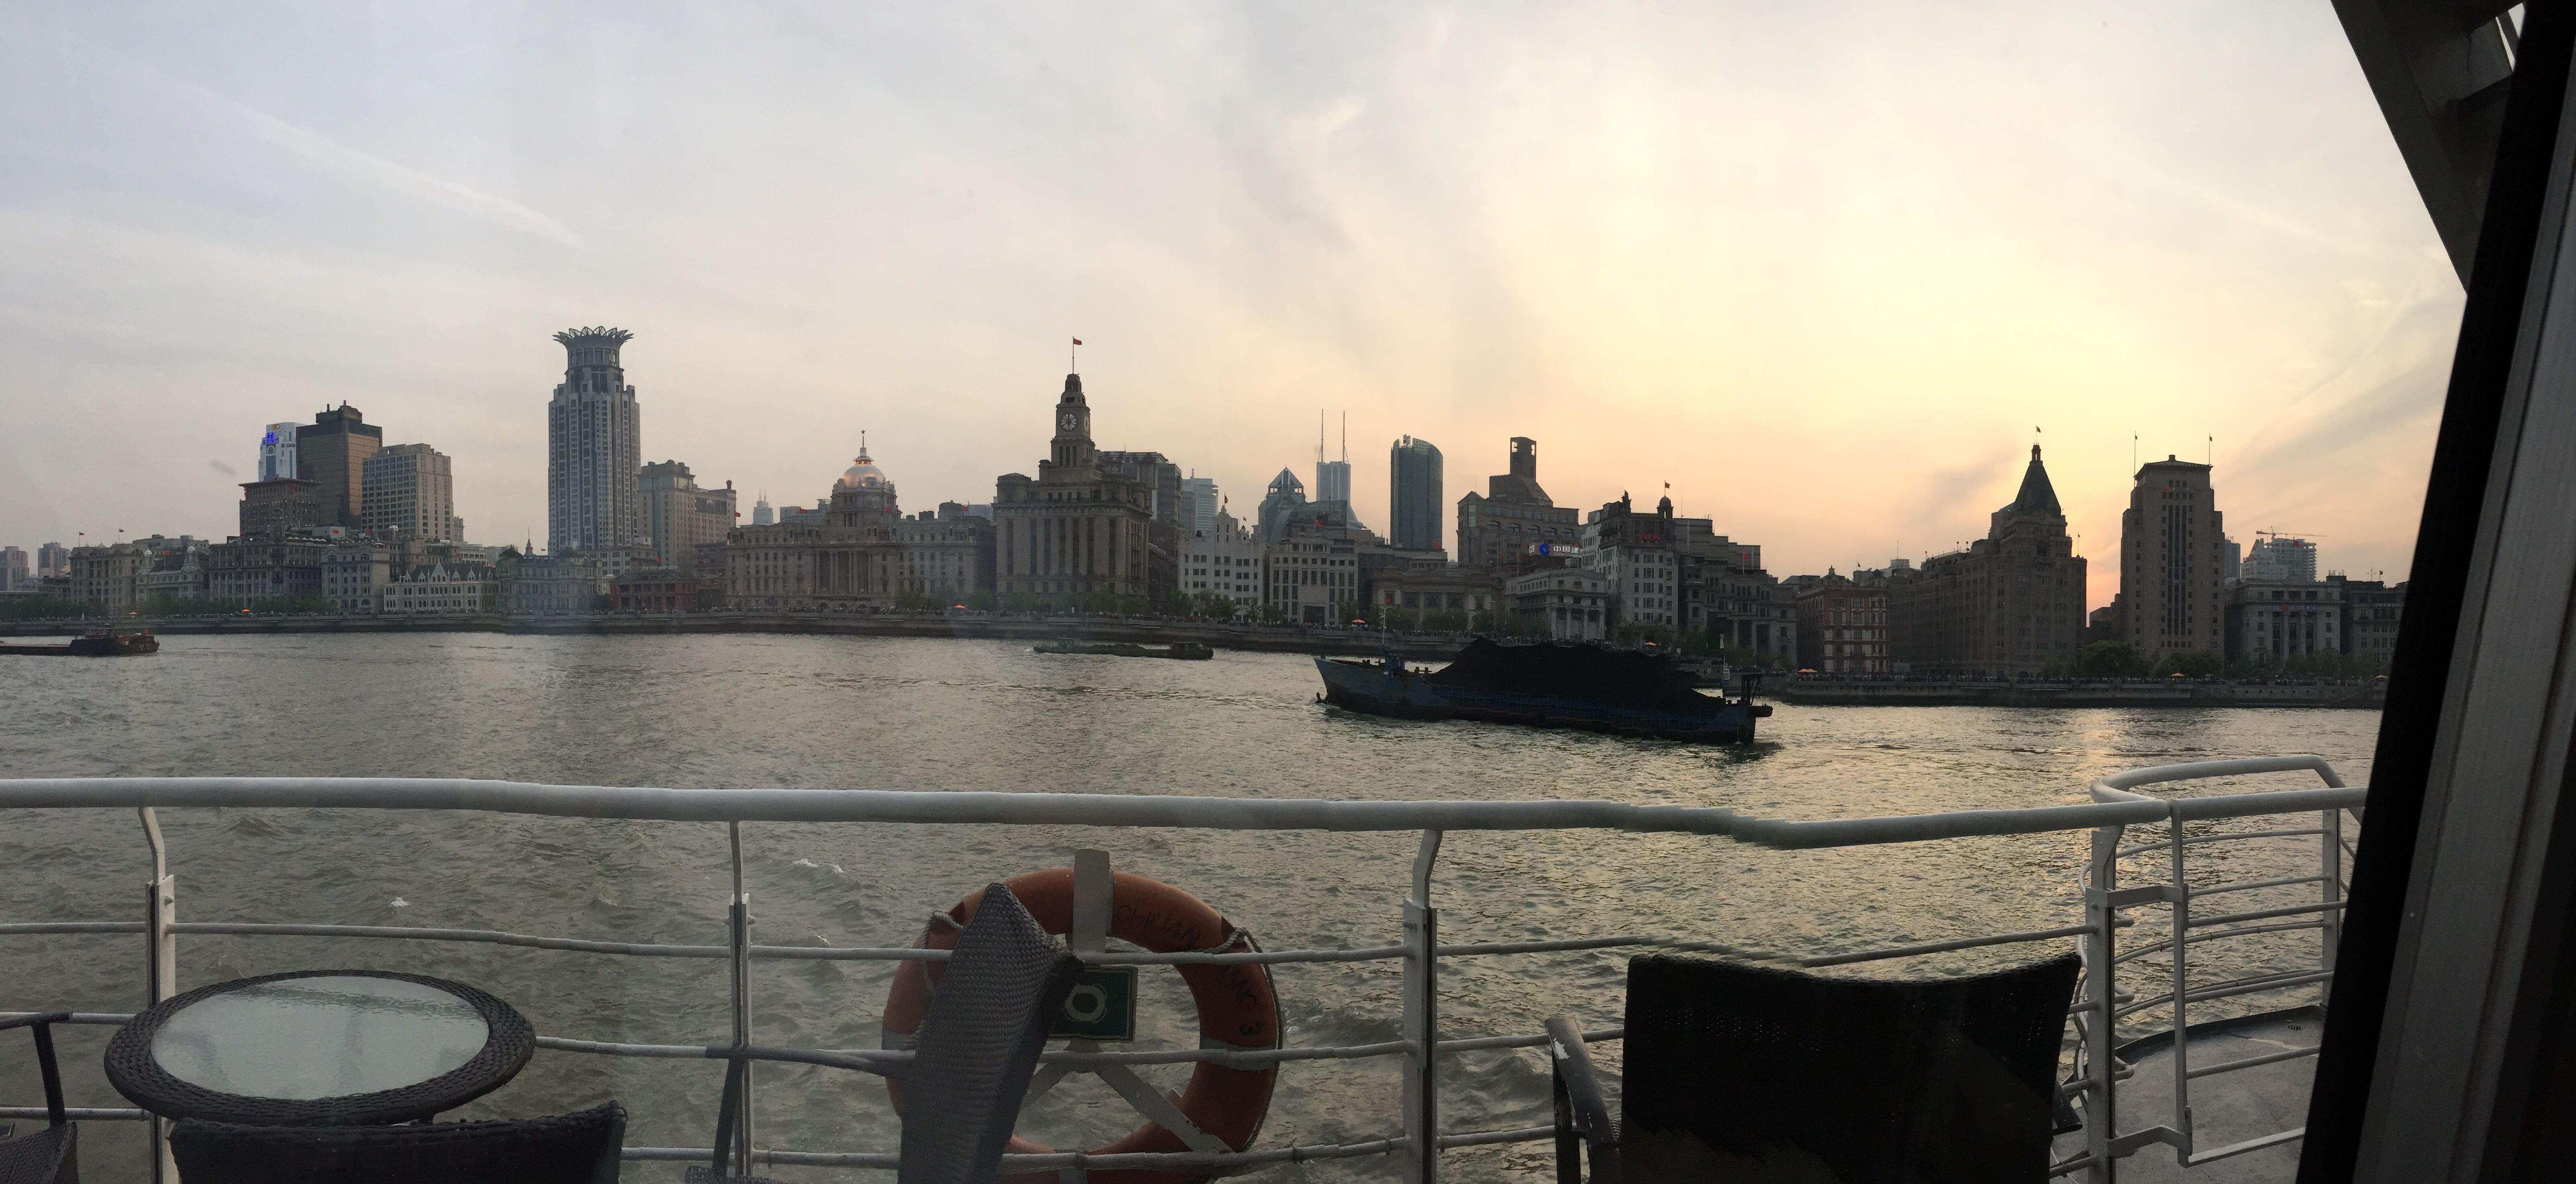 求七月末至八月初上海七天游攻略?-木萧的回烟台到青岛重庆自驾游攻略图片